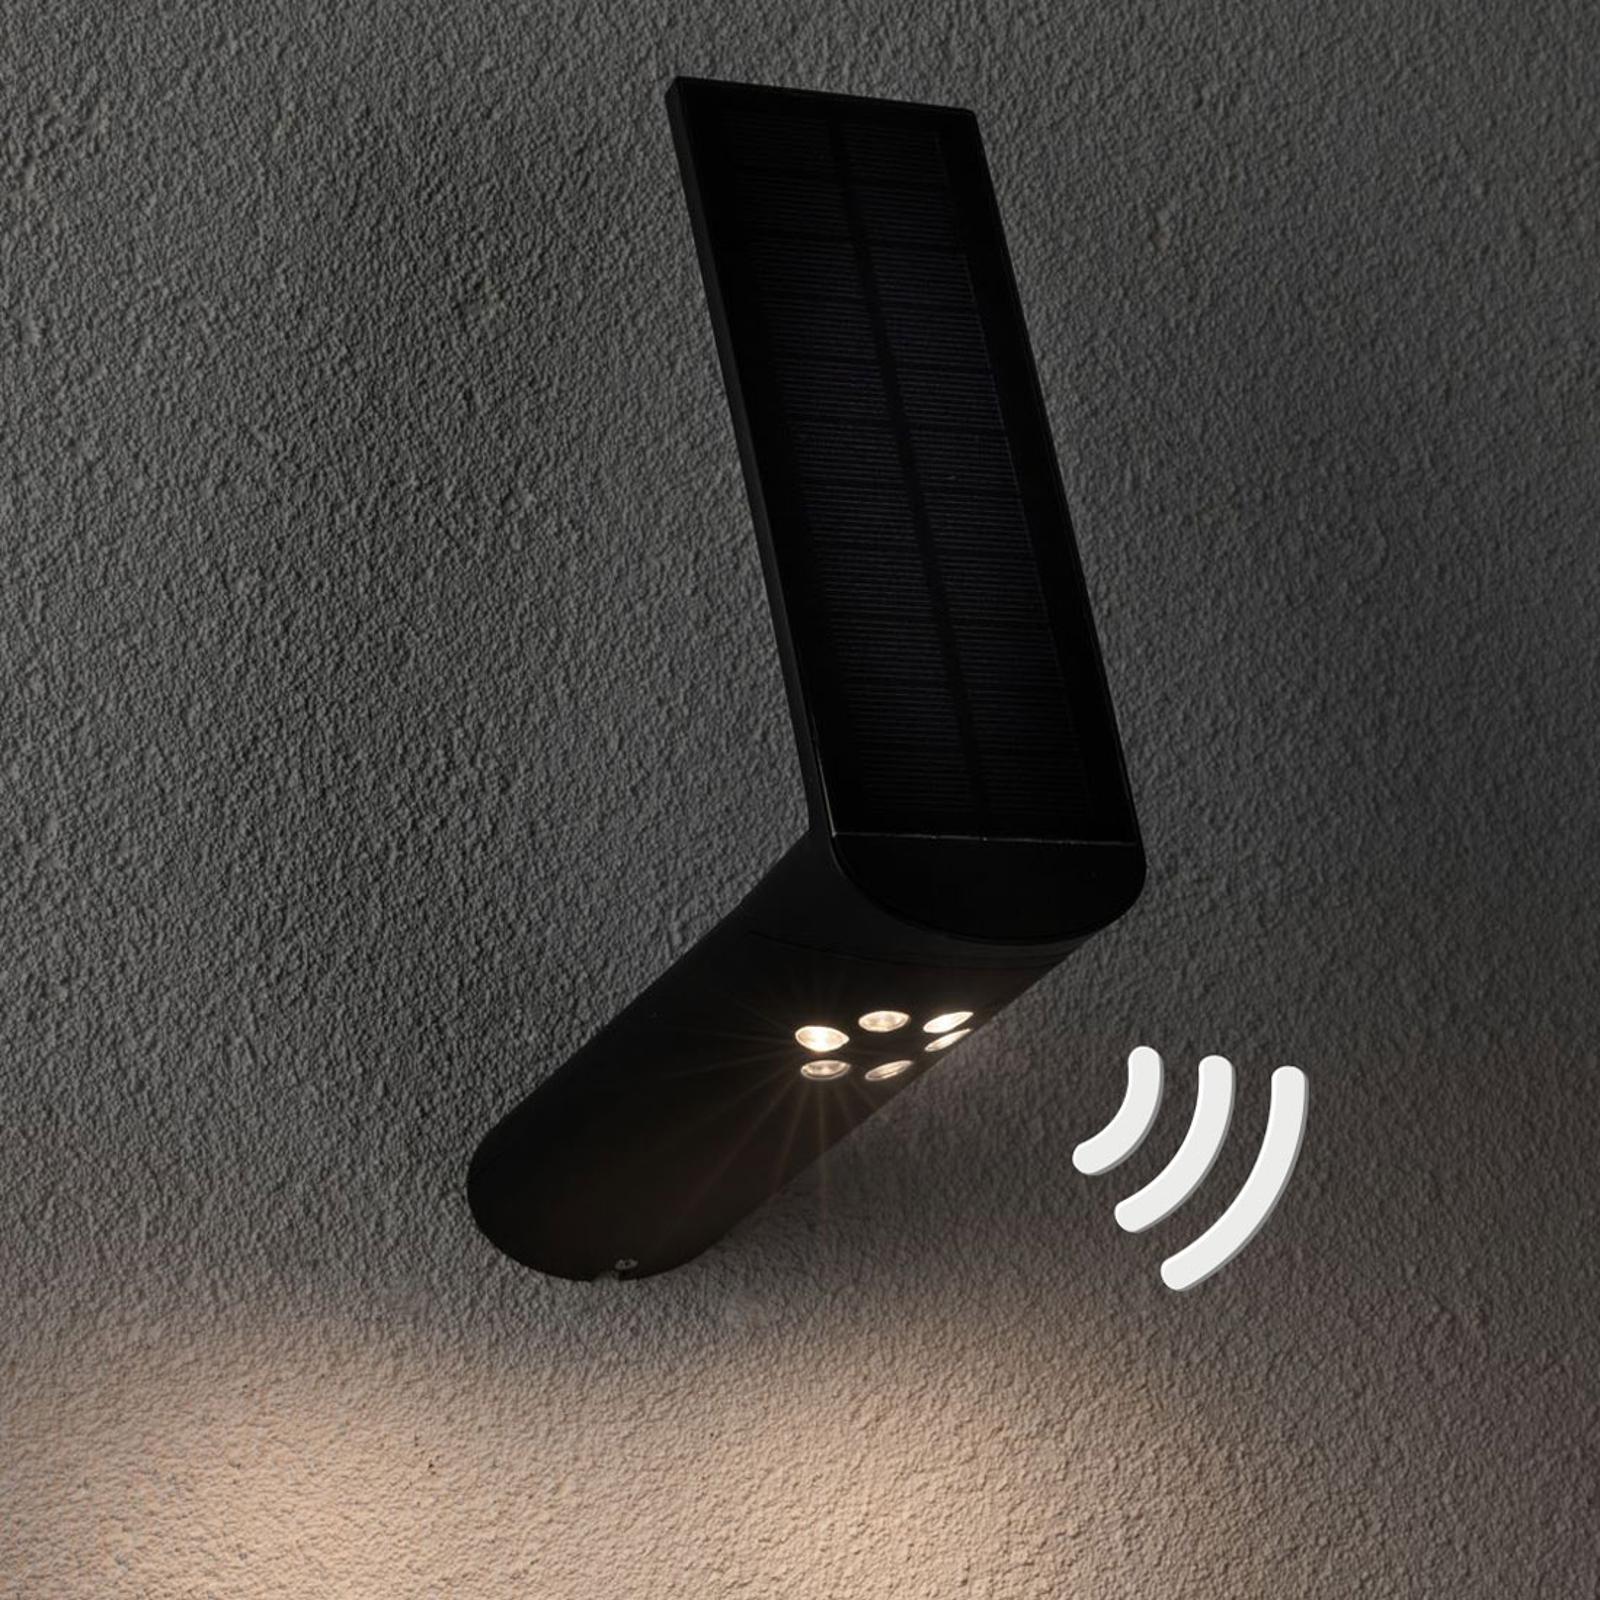 Paulmann applique ext solaire LED Ilias anthracite